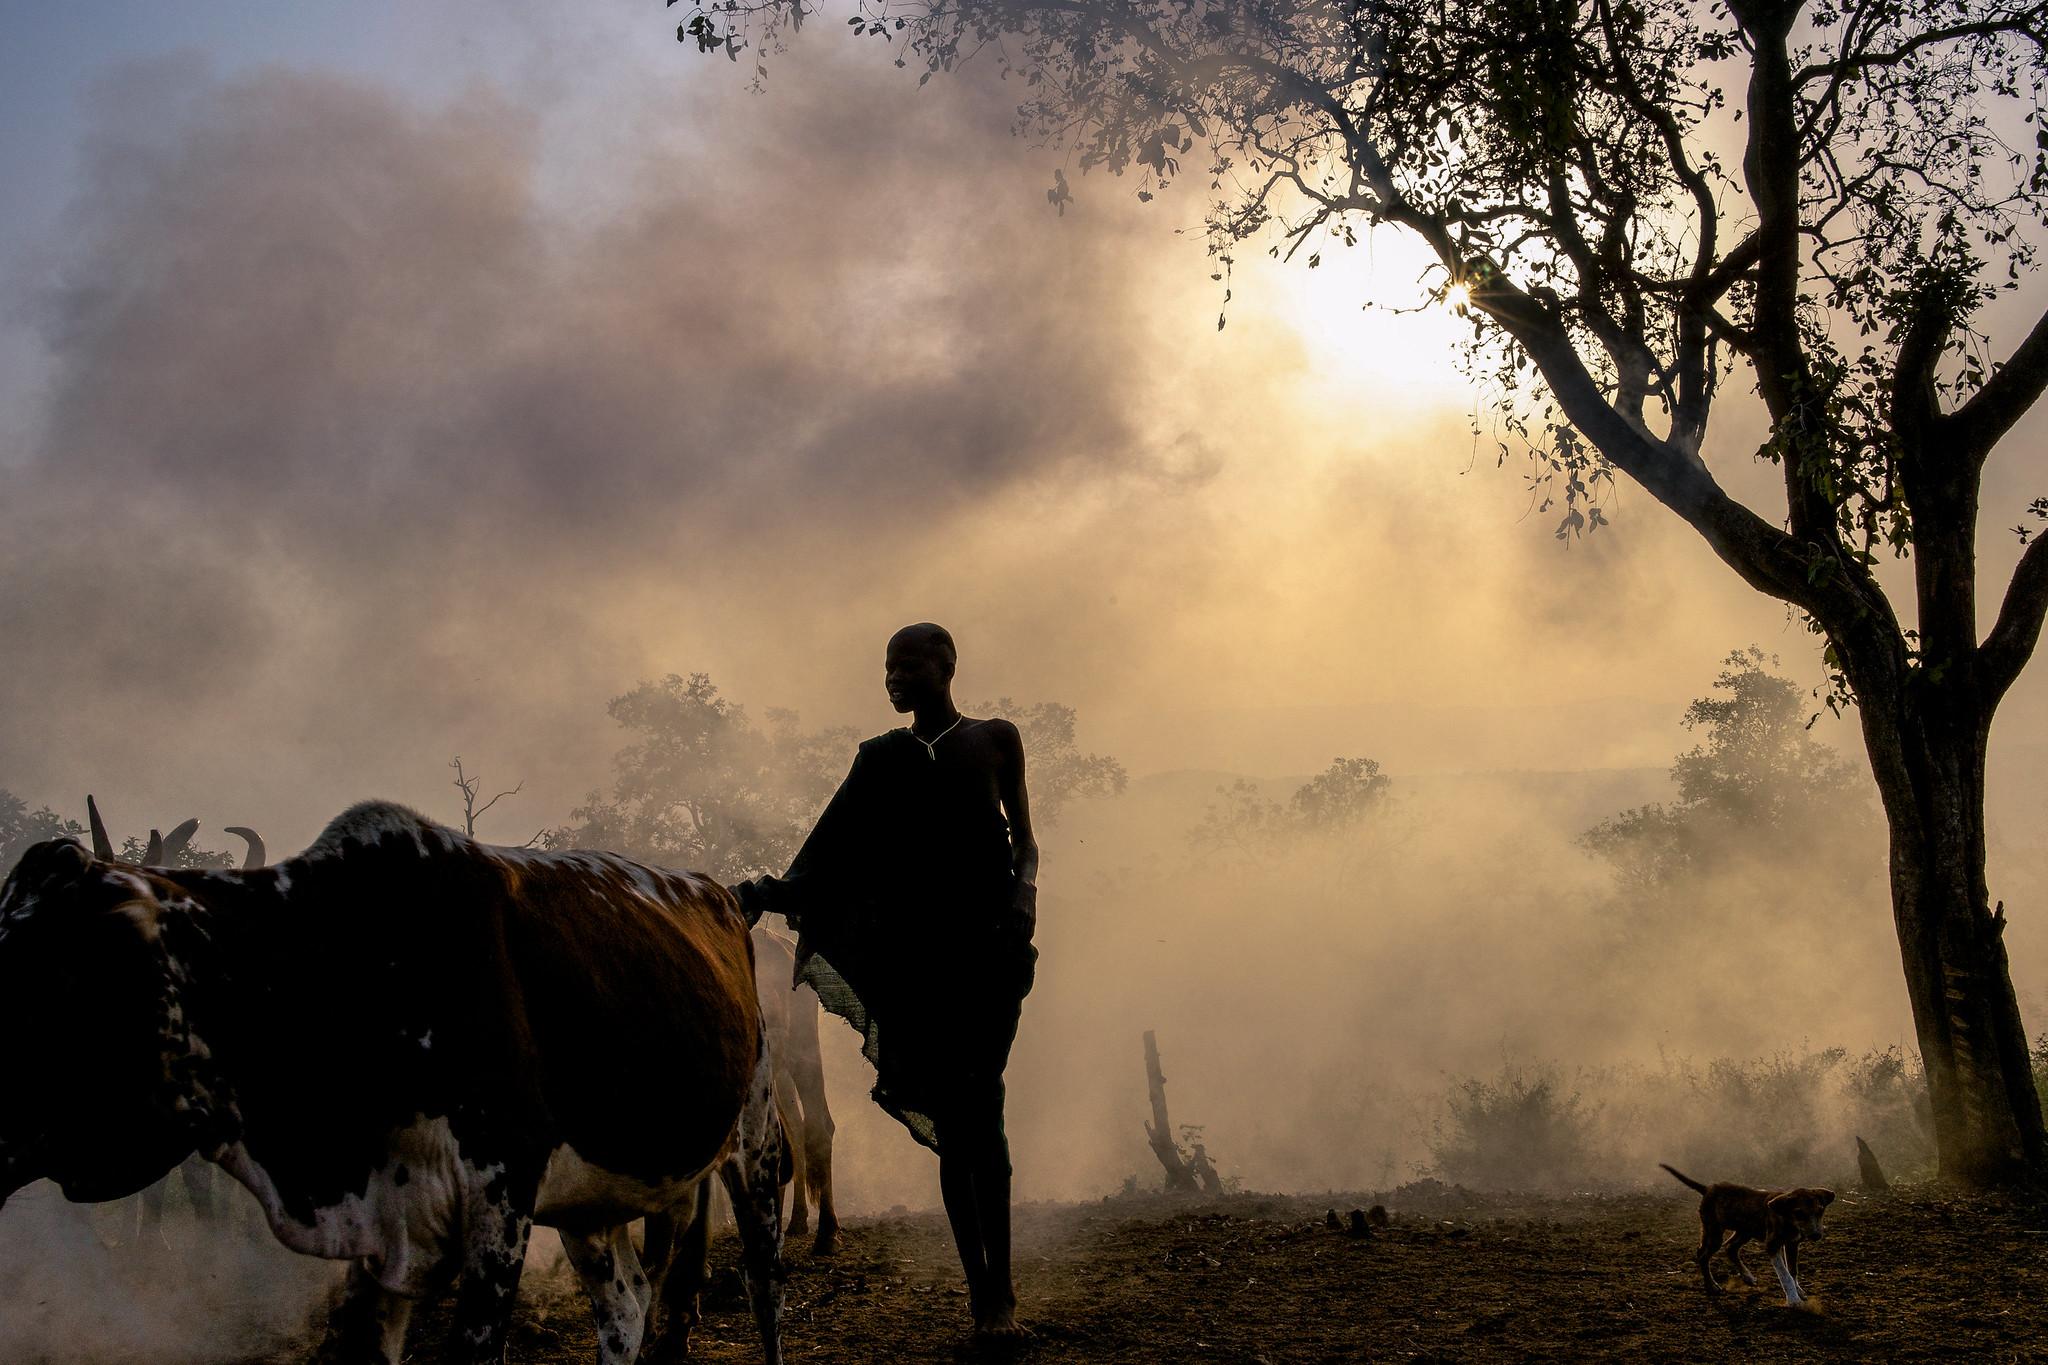 Surma. Ethiopia